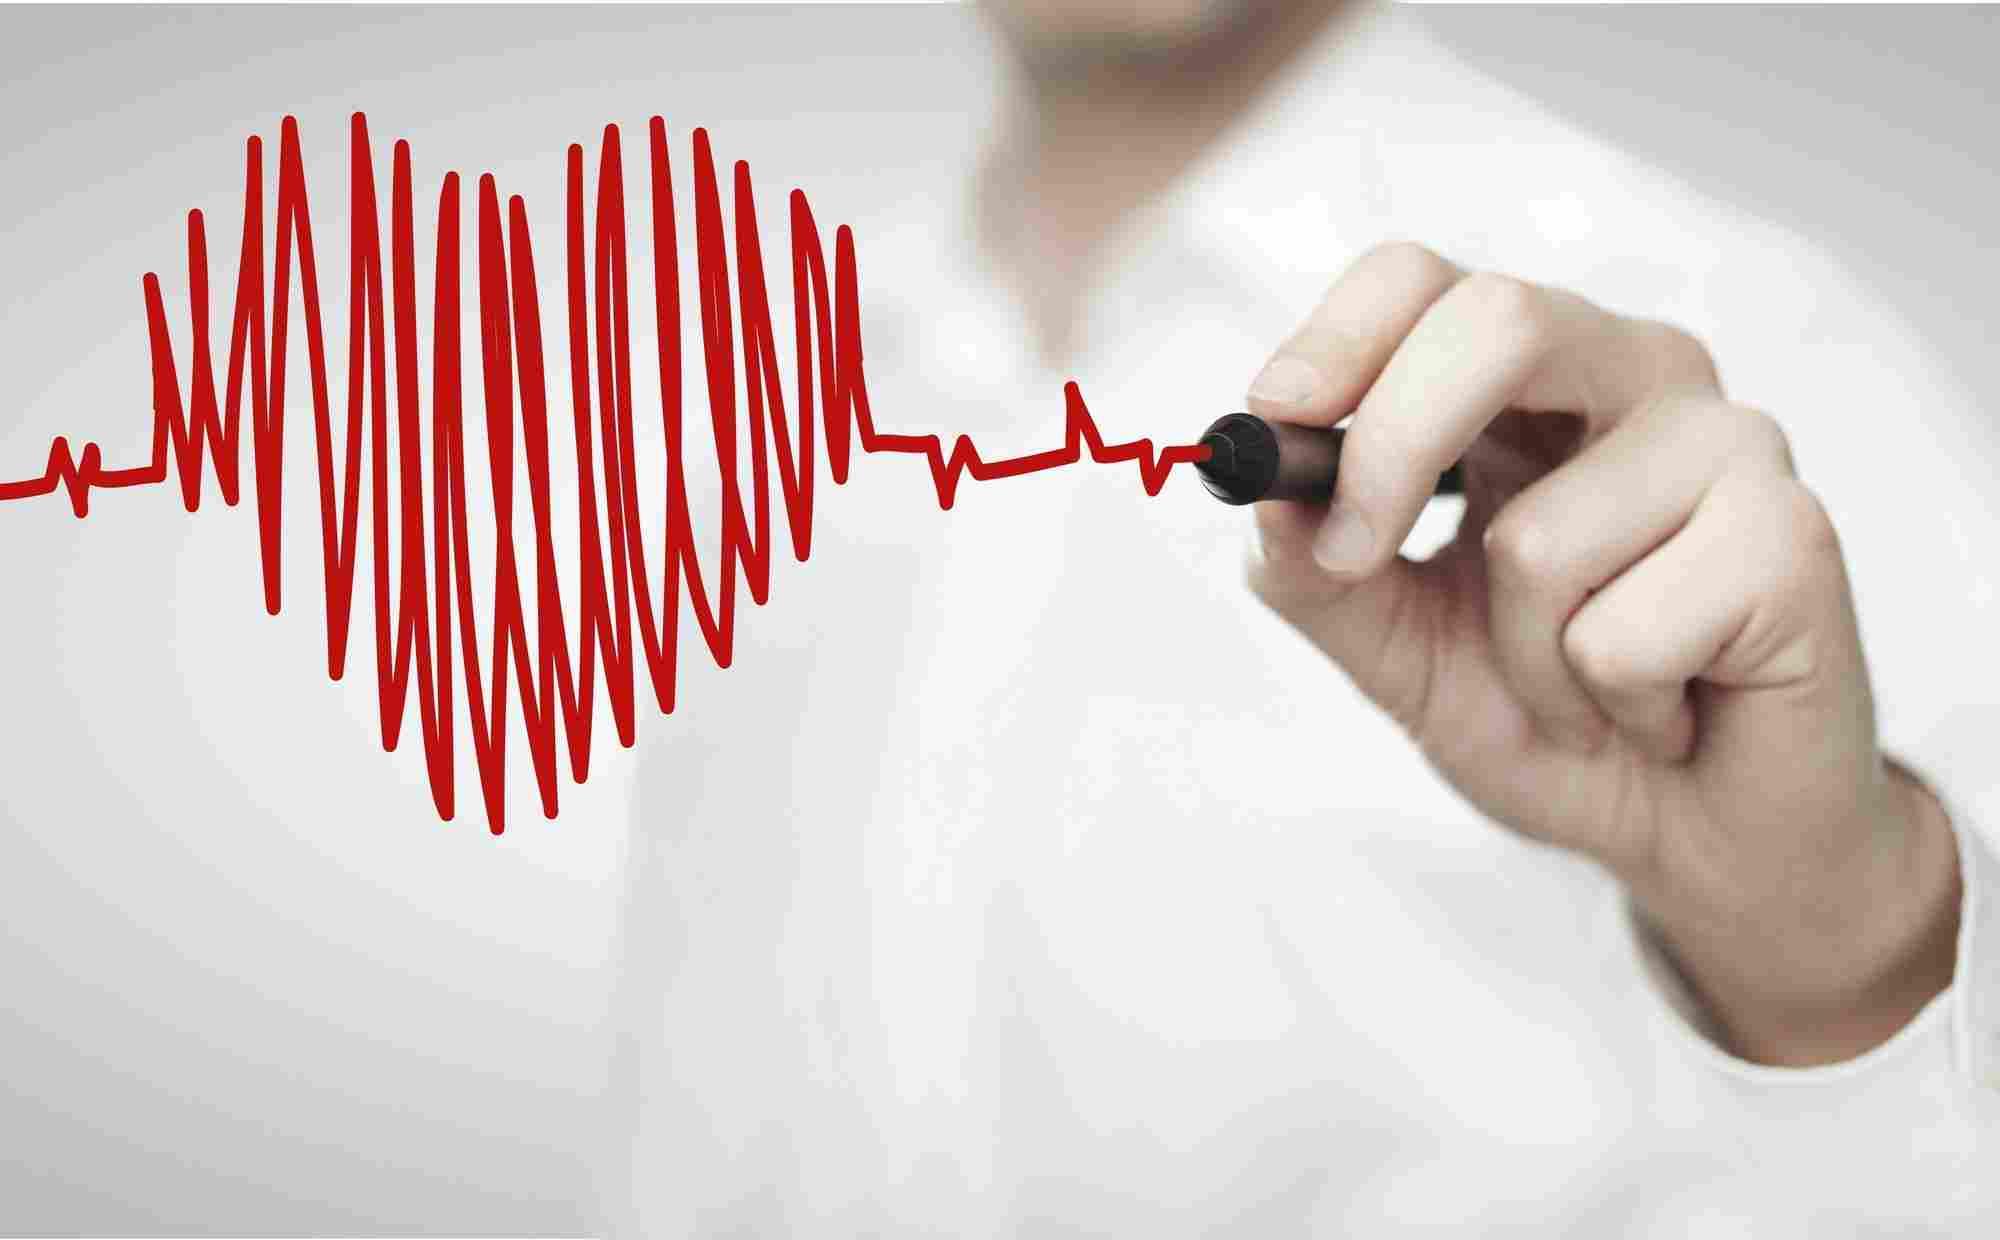 heart health 1 - FAQ